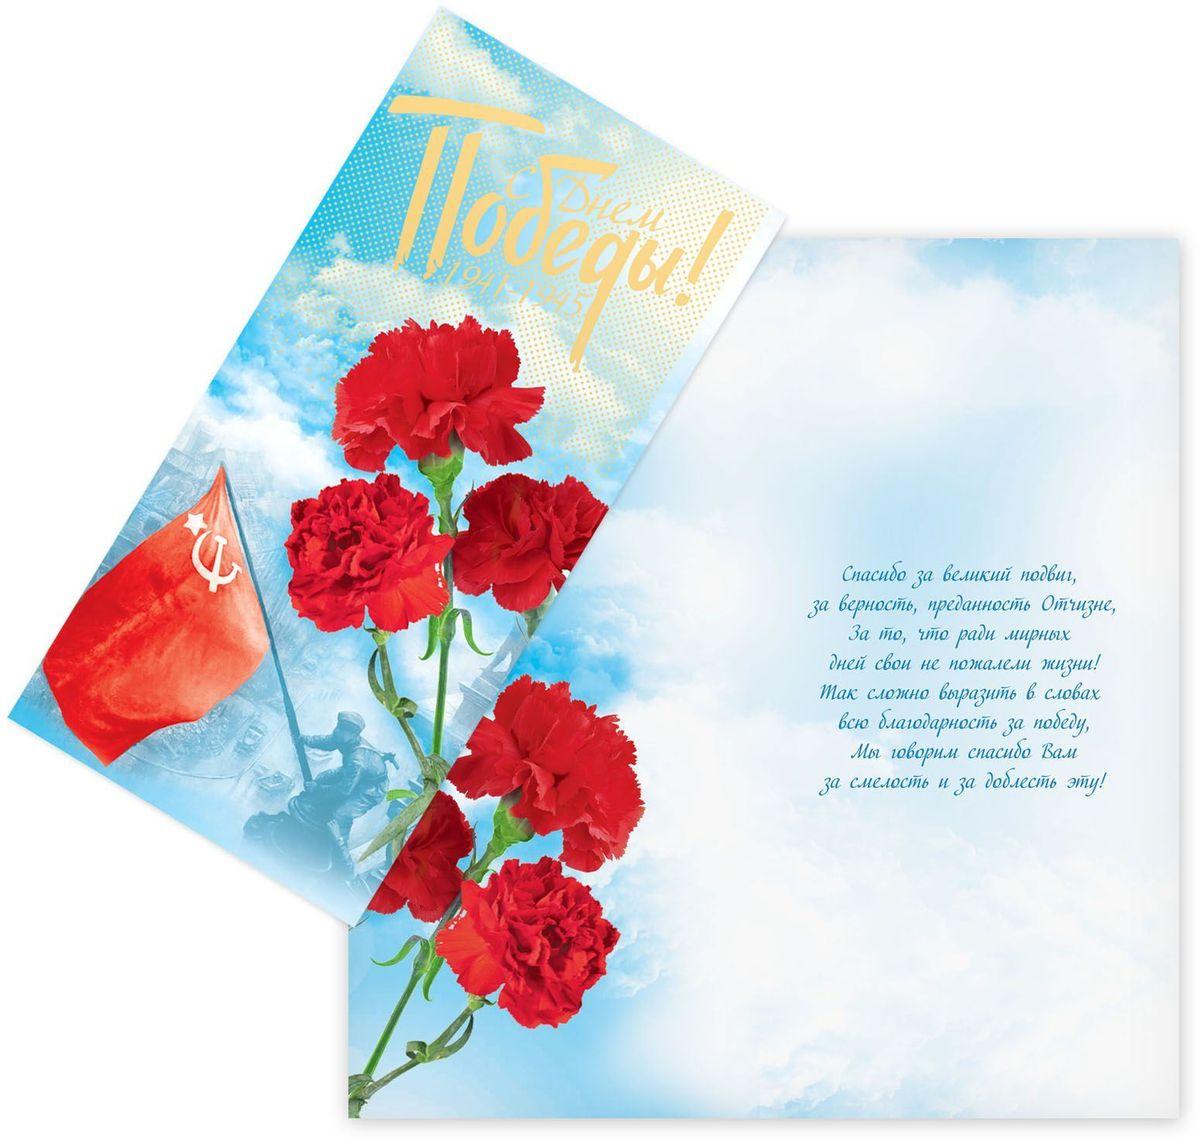 Открытка Дарите cчастье С Днем Победы! Советский флаг2109609Выразить свои чувства и дополнить основной подарок тёплыми словами вам поможет поздравительная открытка. С ней ваше пожелание «Счастья, любви и здоровья» приобретёт трепетный и душевный подтекст. А воспоминания о праздничном дне ещё долго будут радовать адресата.